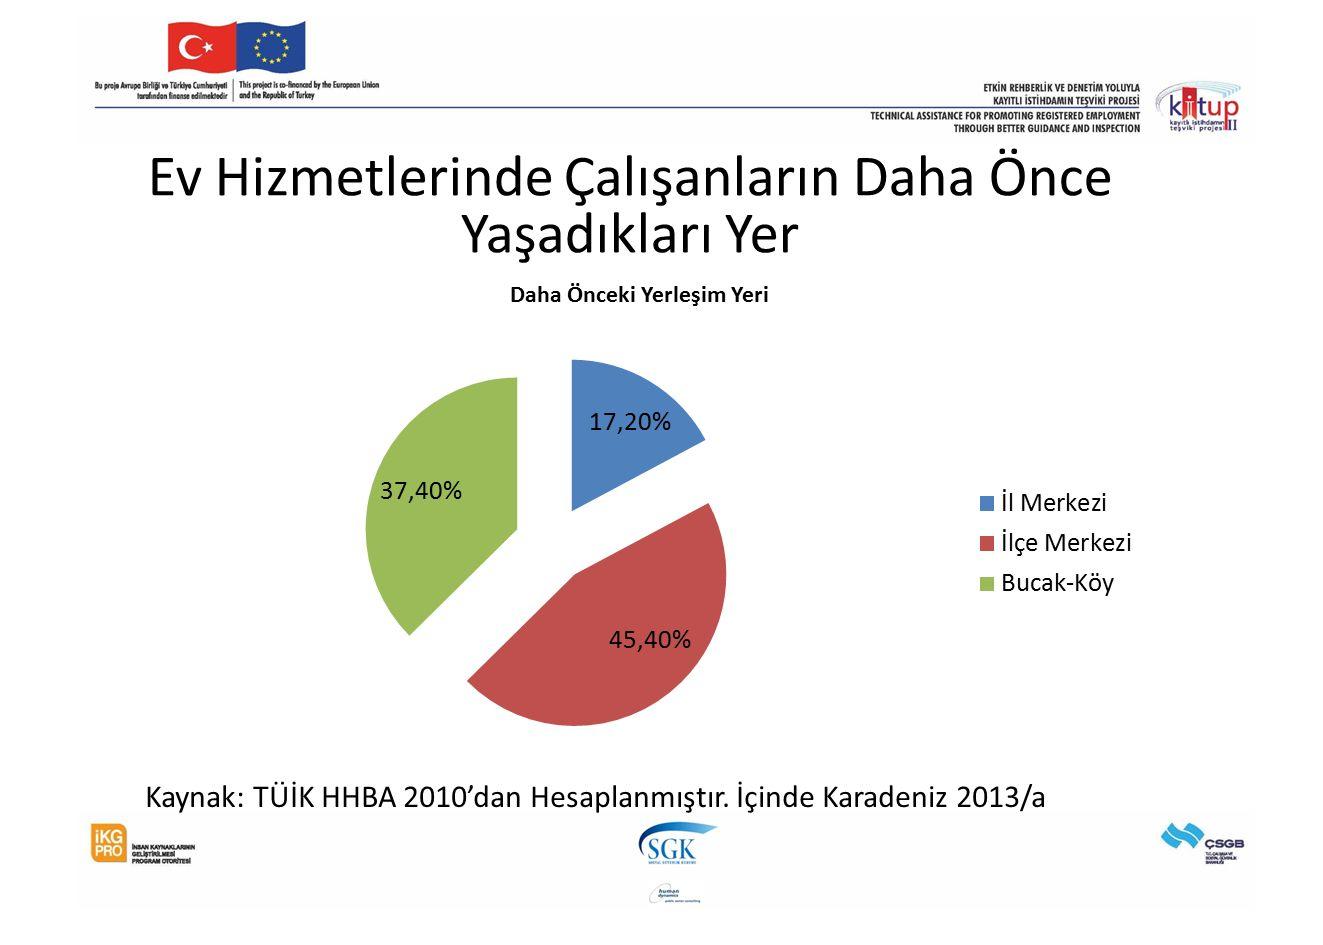 Ev Hizmetlerinde Çalışanların Daha Önce Yaşadıkları Yer Kaynak: TÜİK HHBA 2010'dan Hesaplanmıştır. İçinde Karadeniz 2013/a